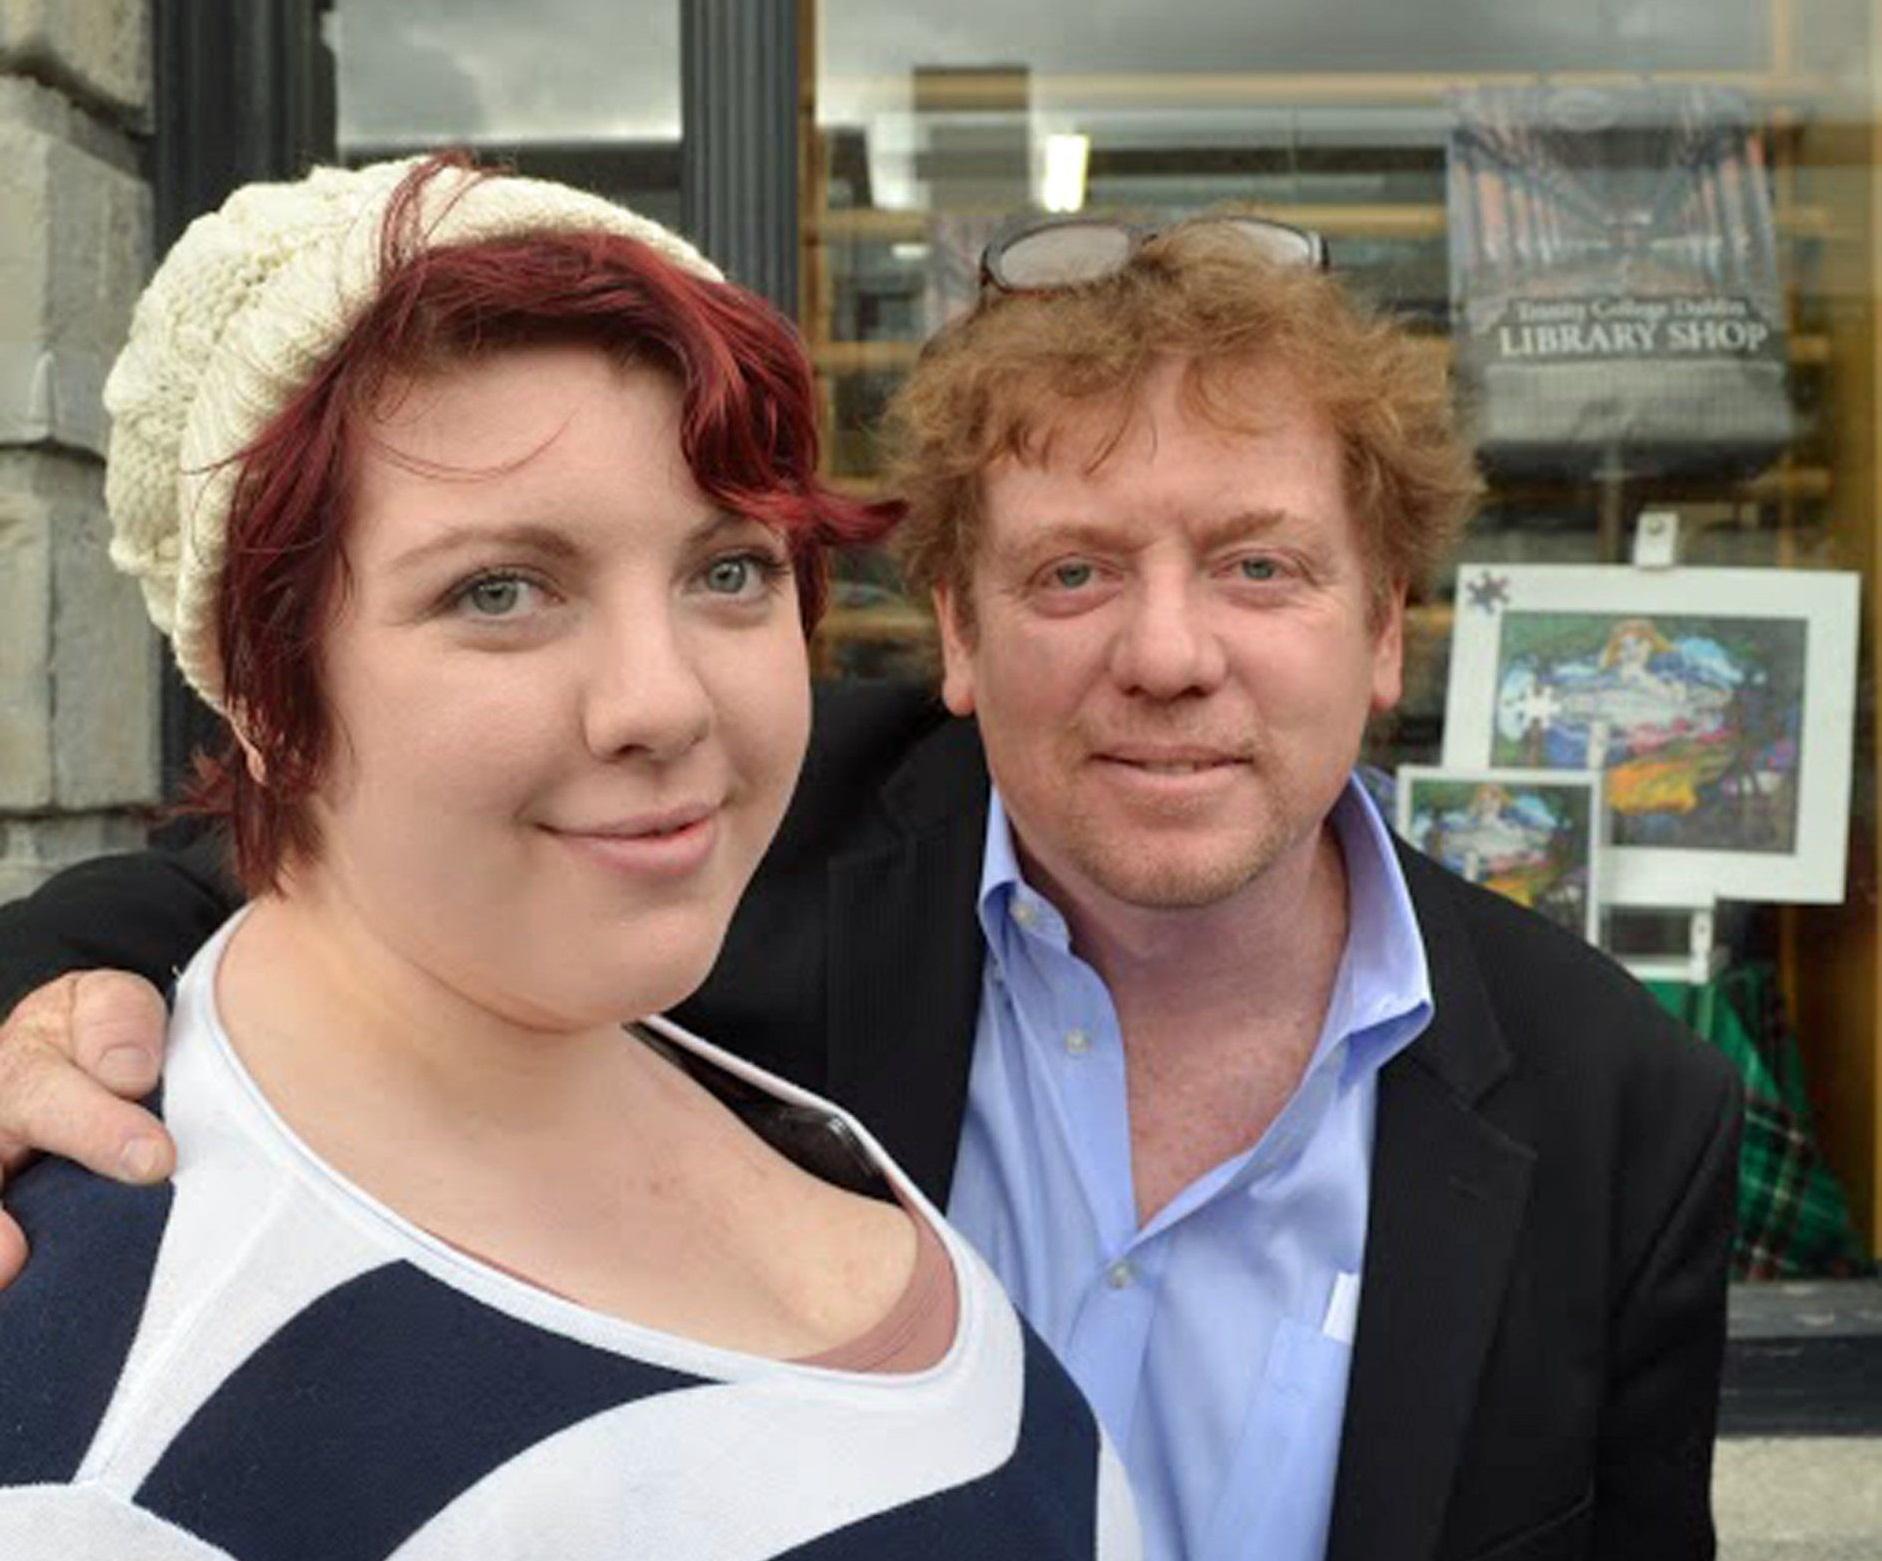 Ирландец подарил дочери на Рождество абдоминопластику и увеличение груди